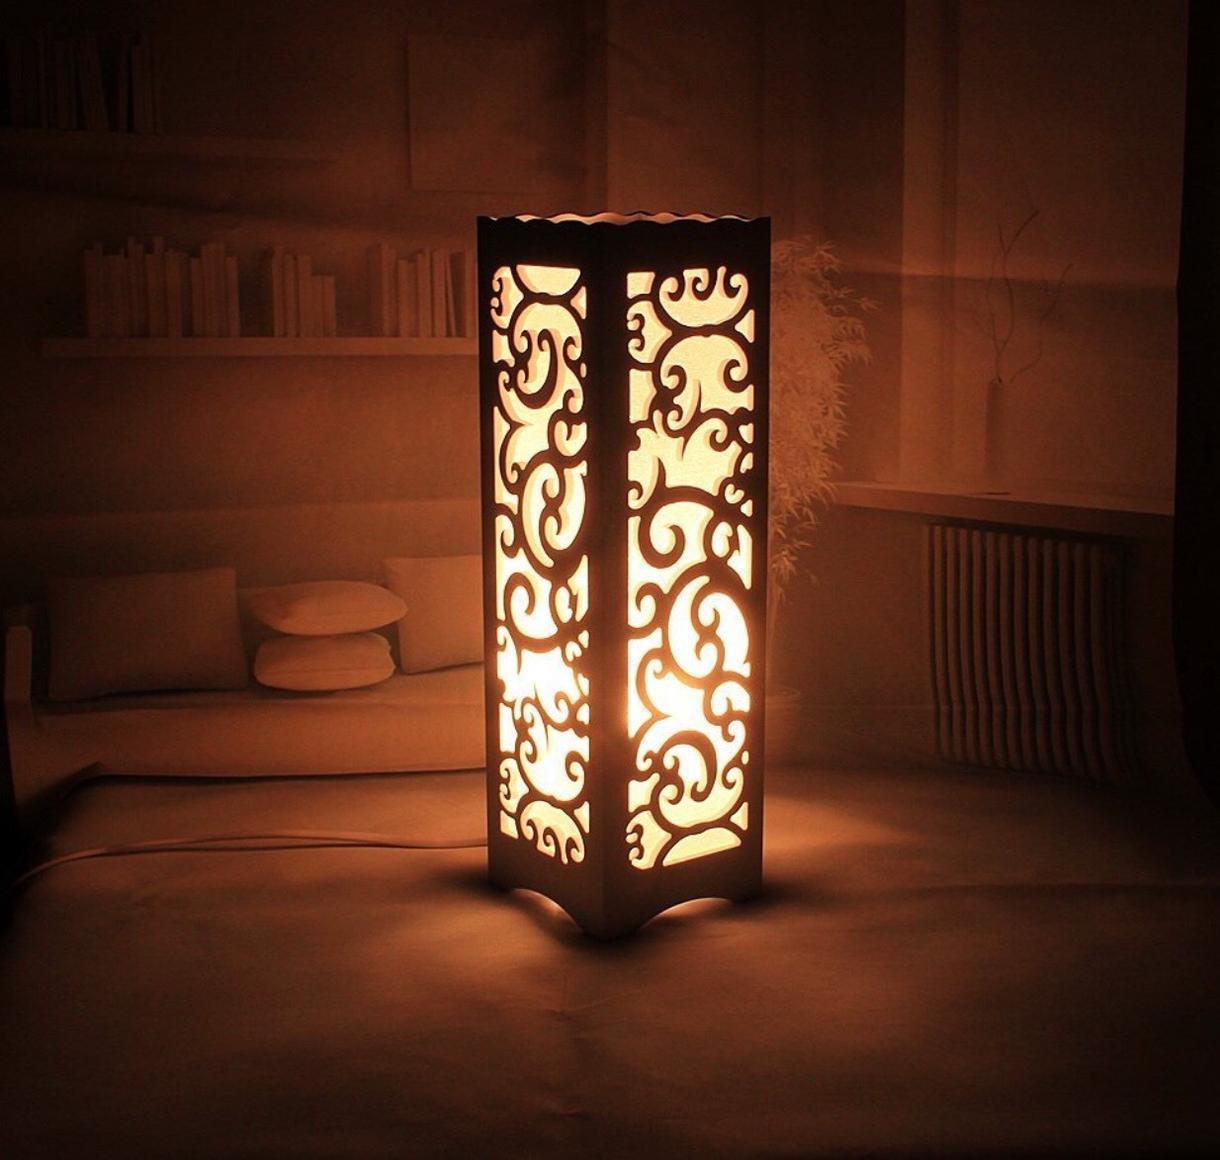 オリジナルの木製ランプお作りいたします 自分だけのオリジナルのランプを作ってみませんか?